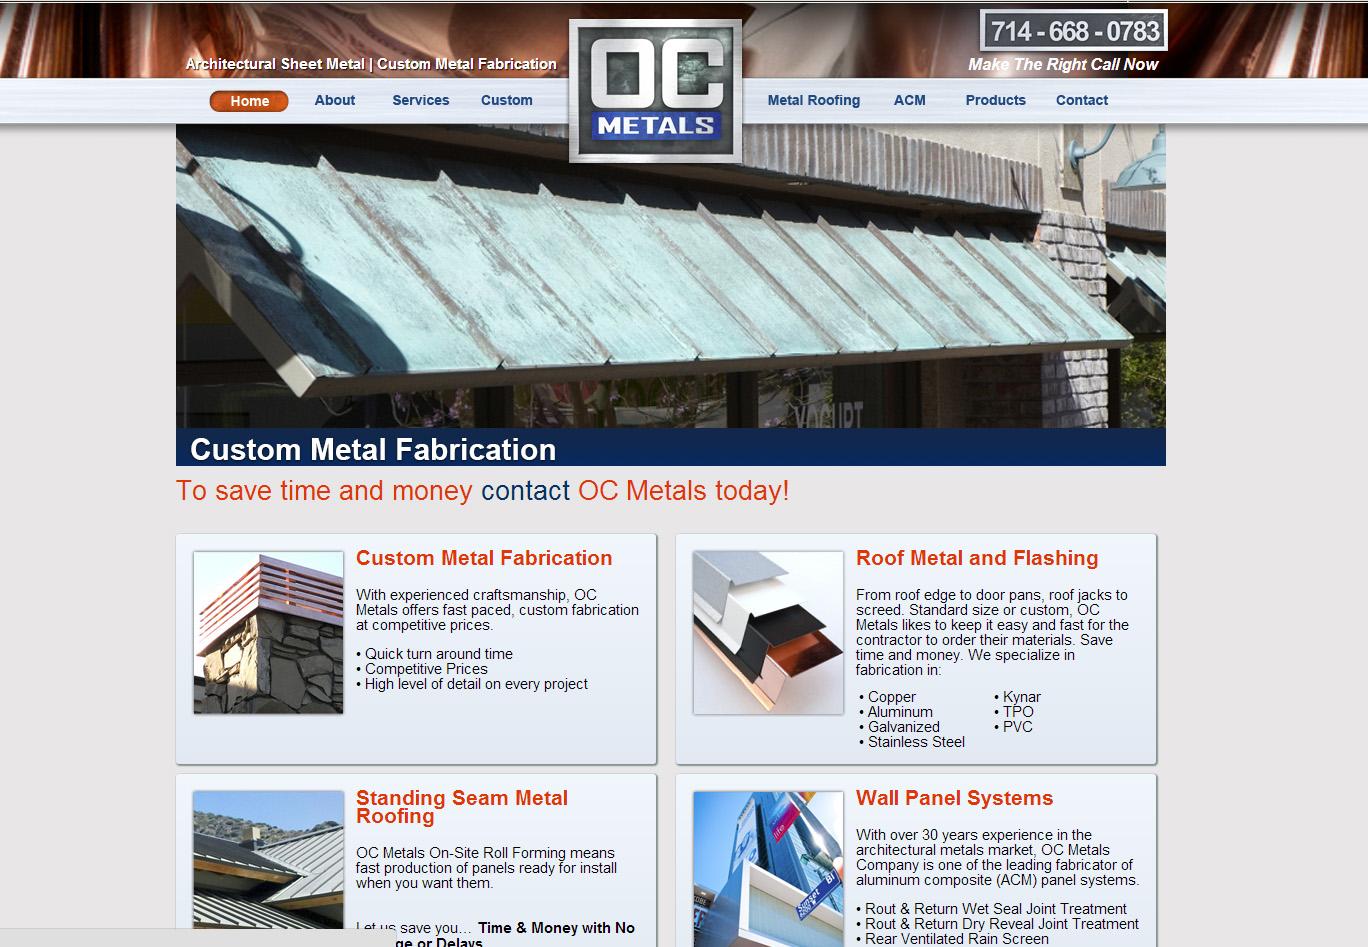 OC Metals